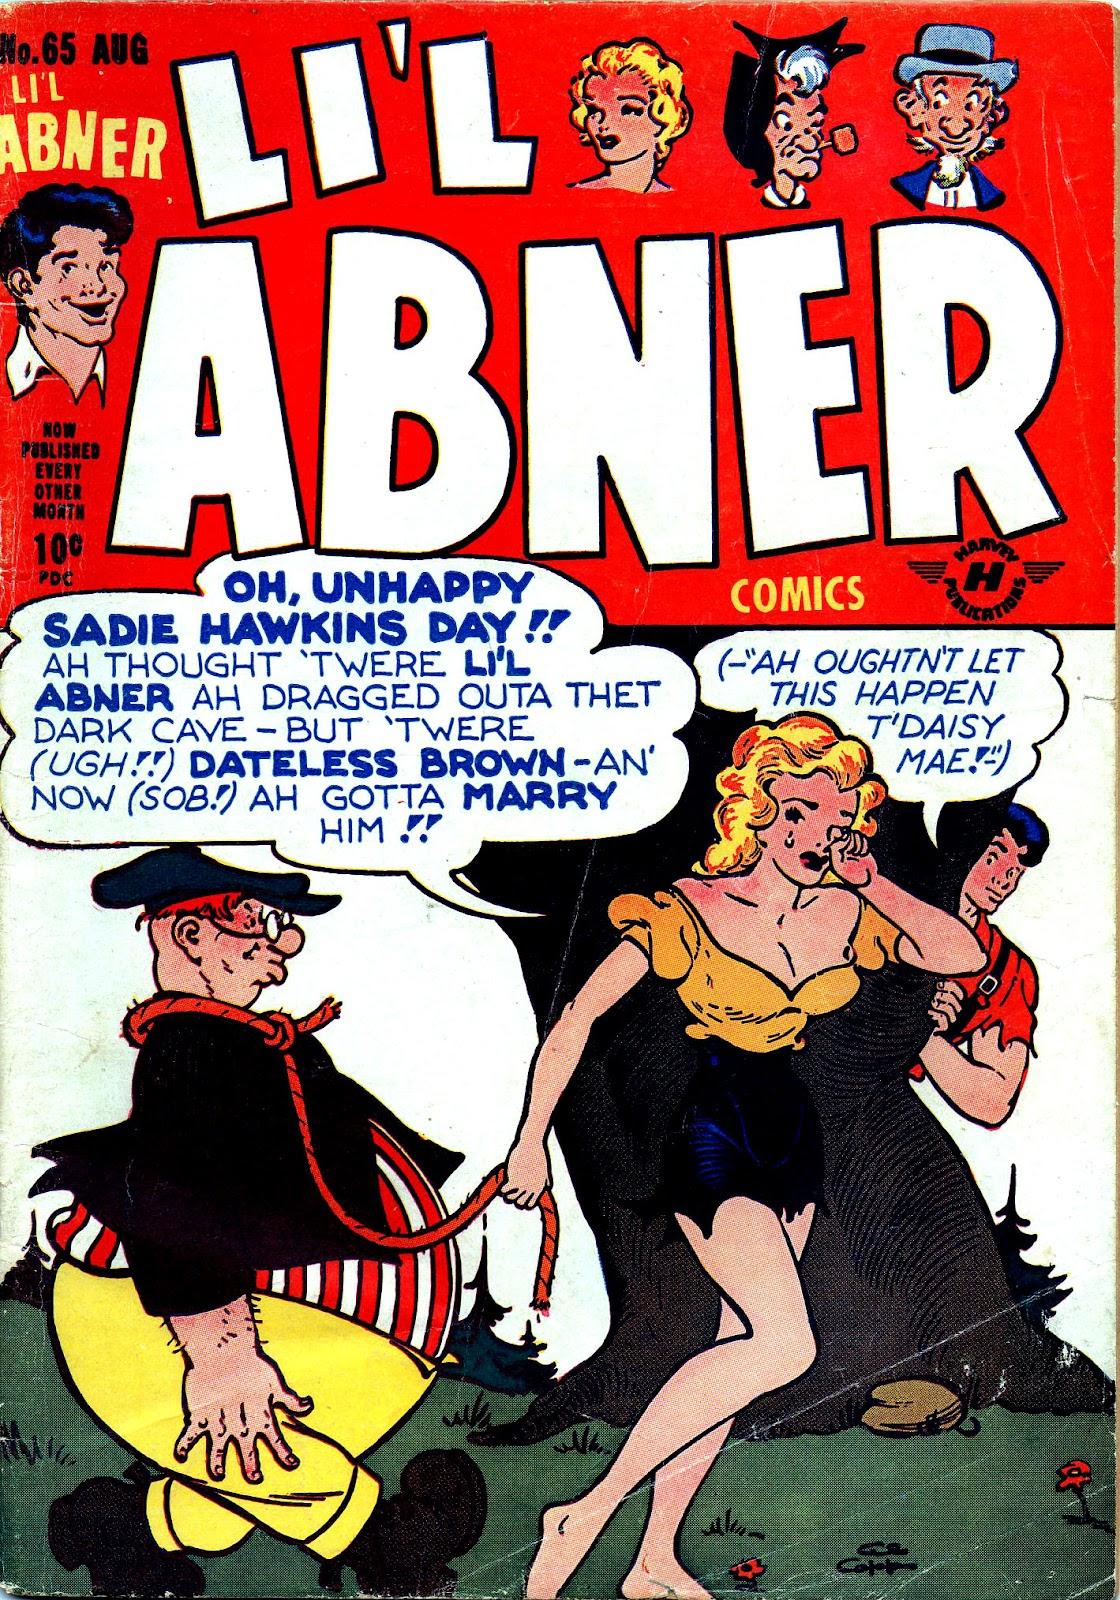 Li'l Abner Comics issue 65 - Page 1